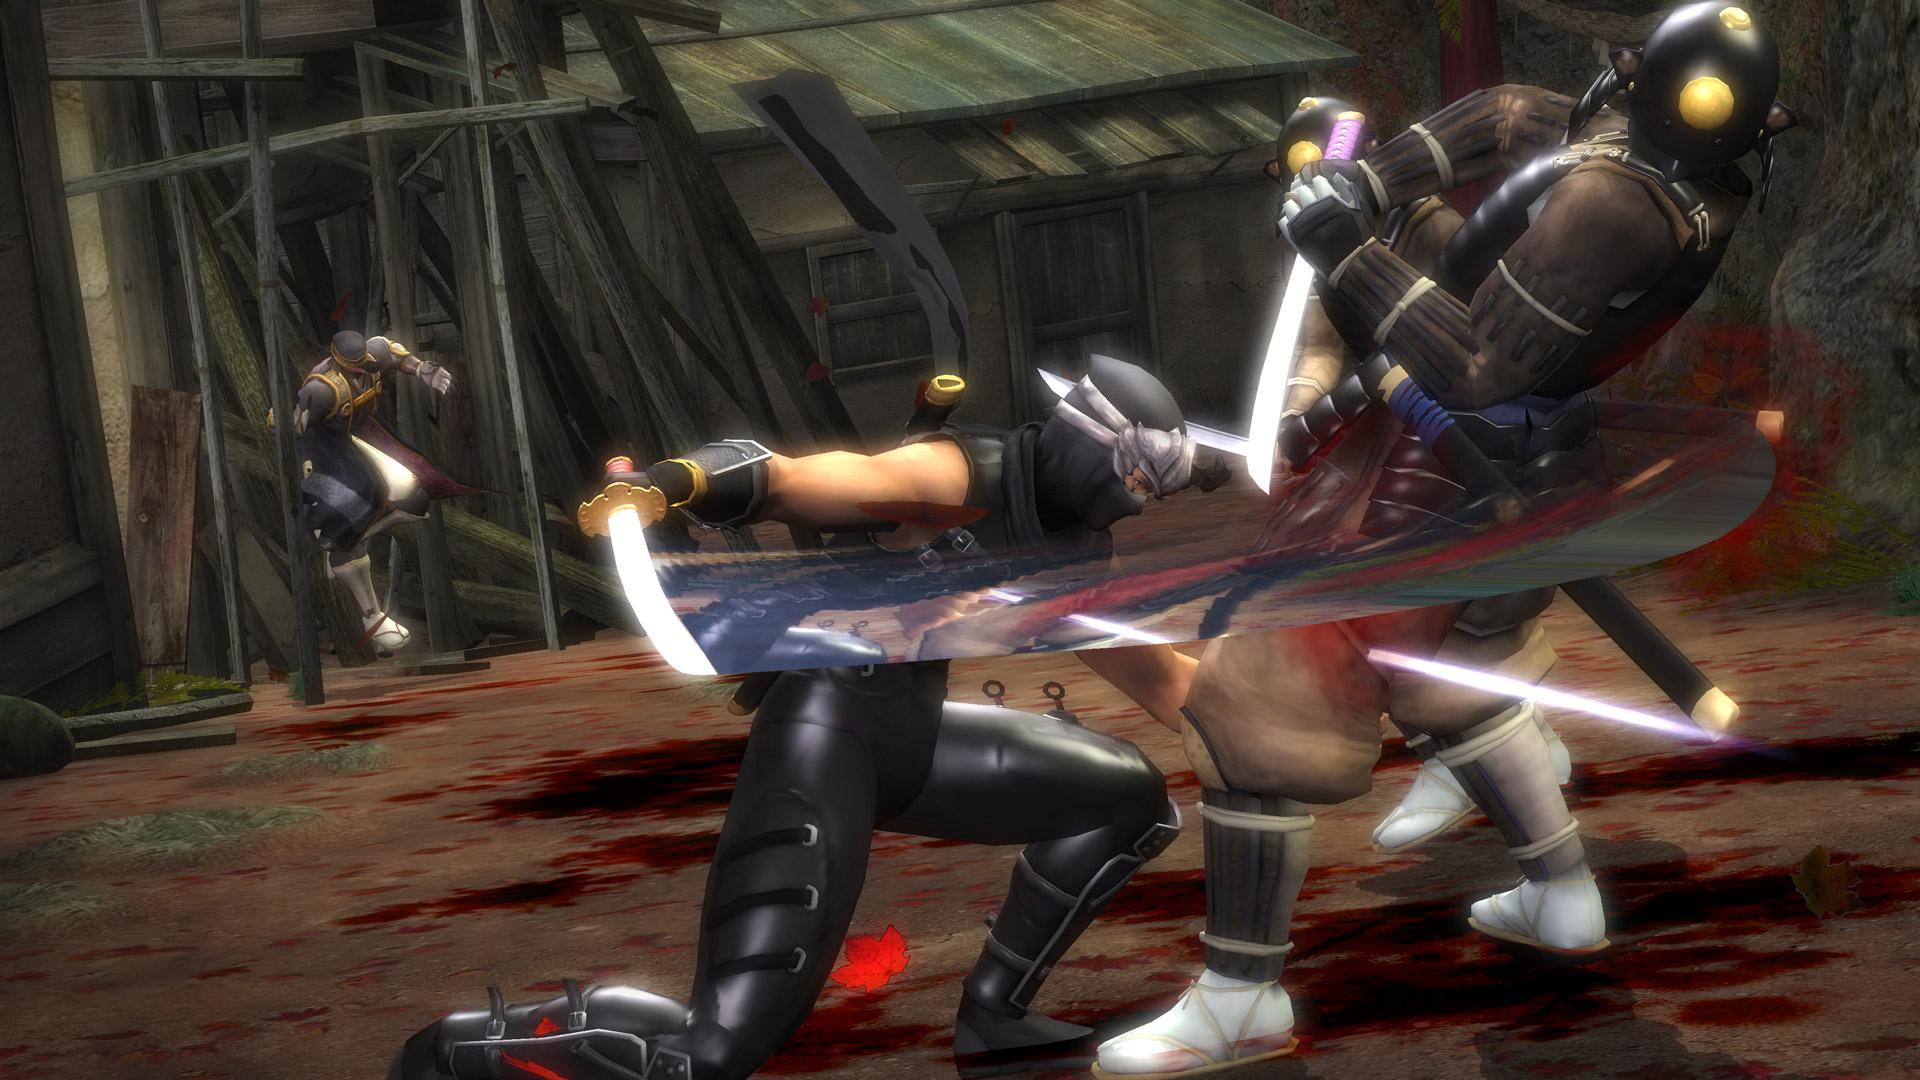 Ninja Gaiden 1822021 3